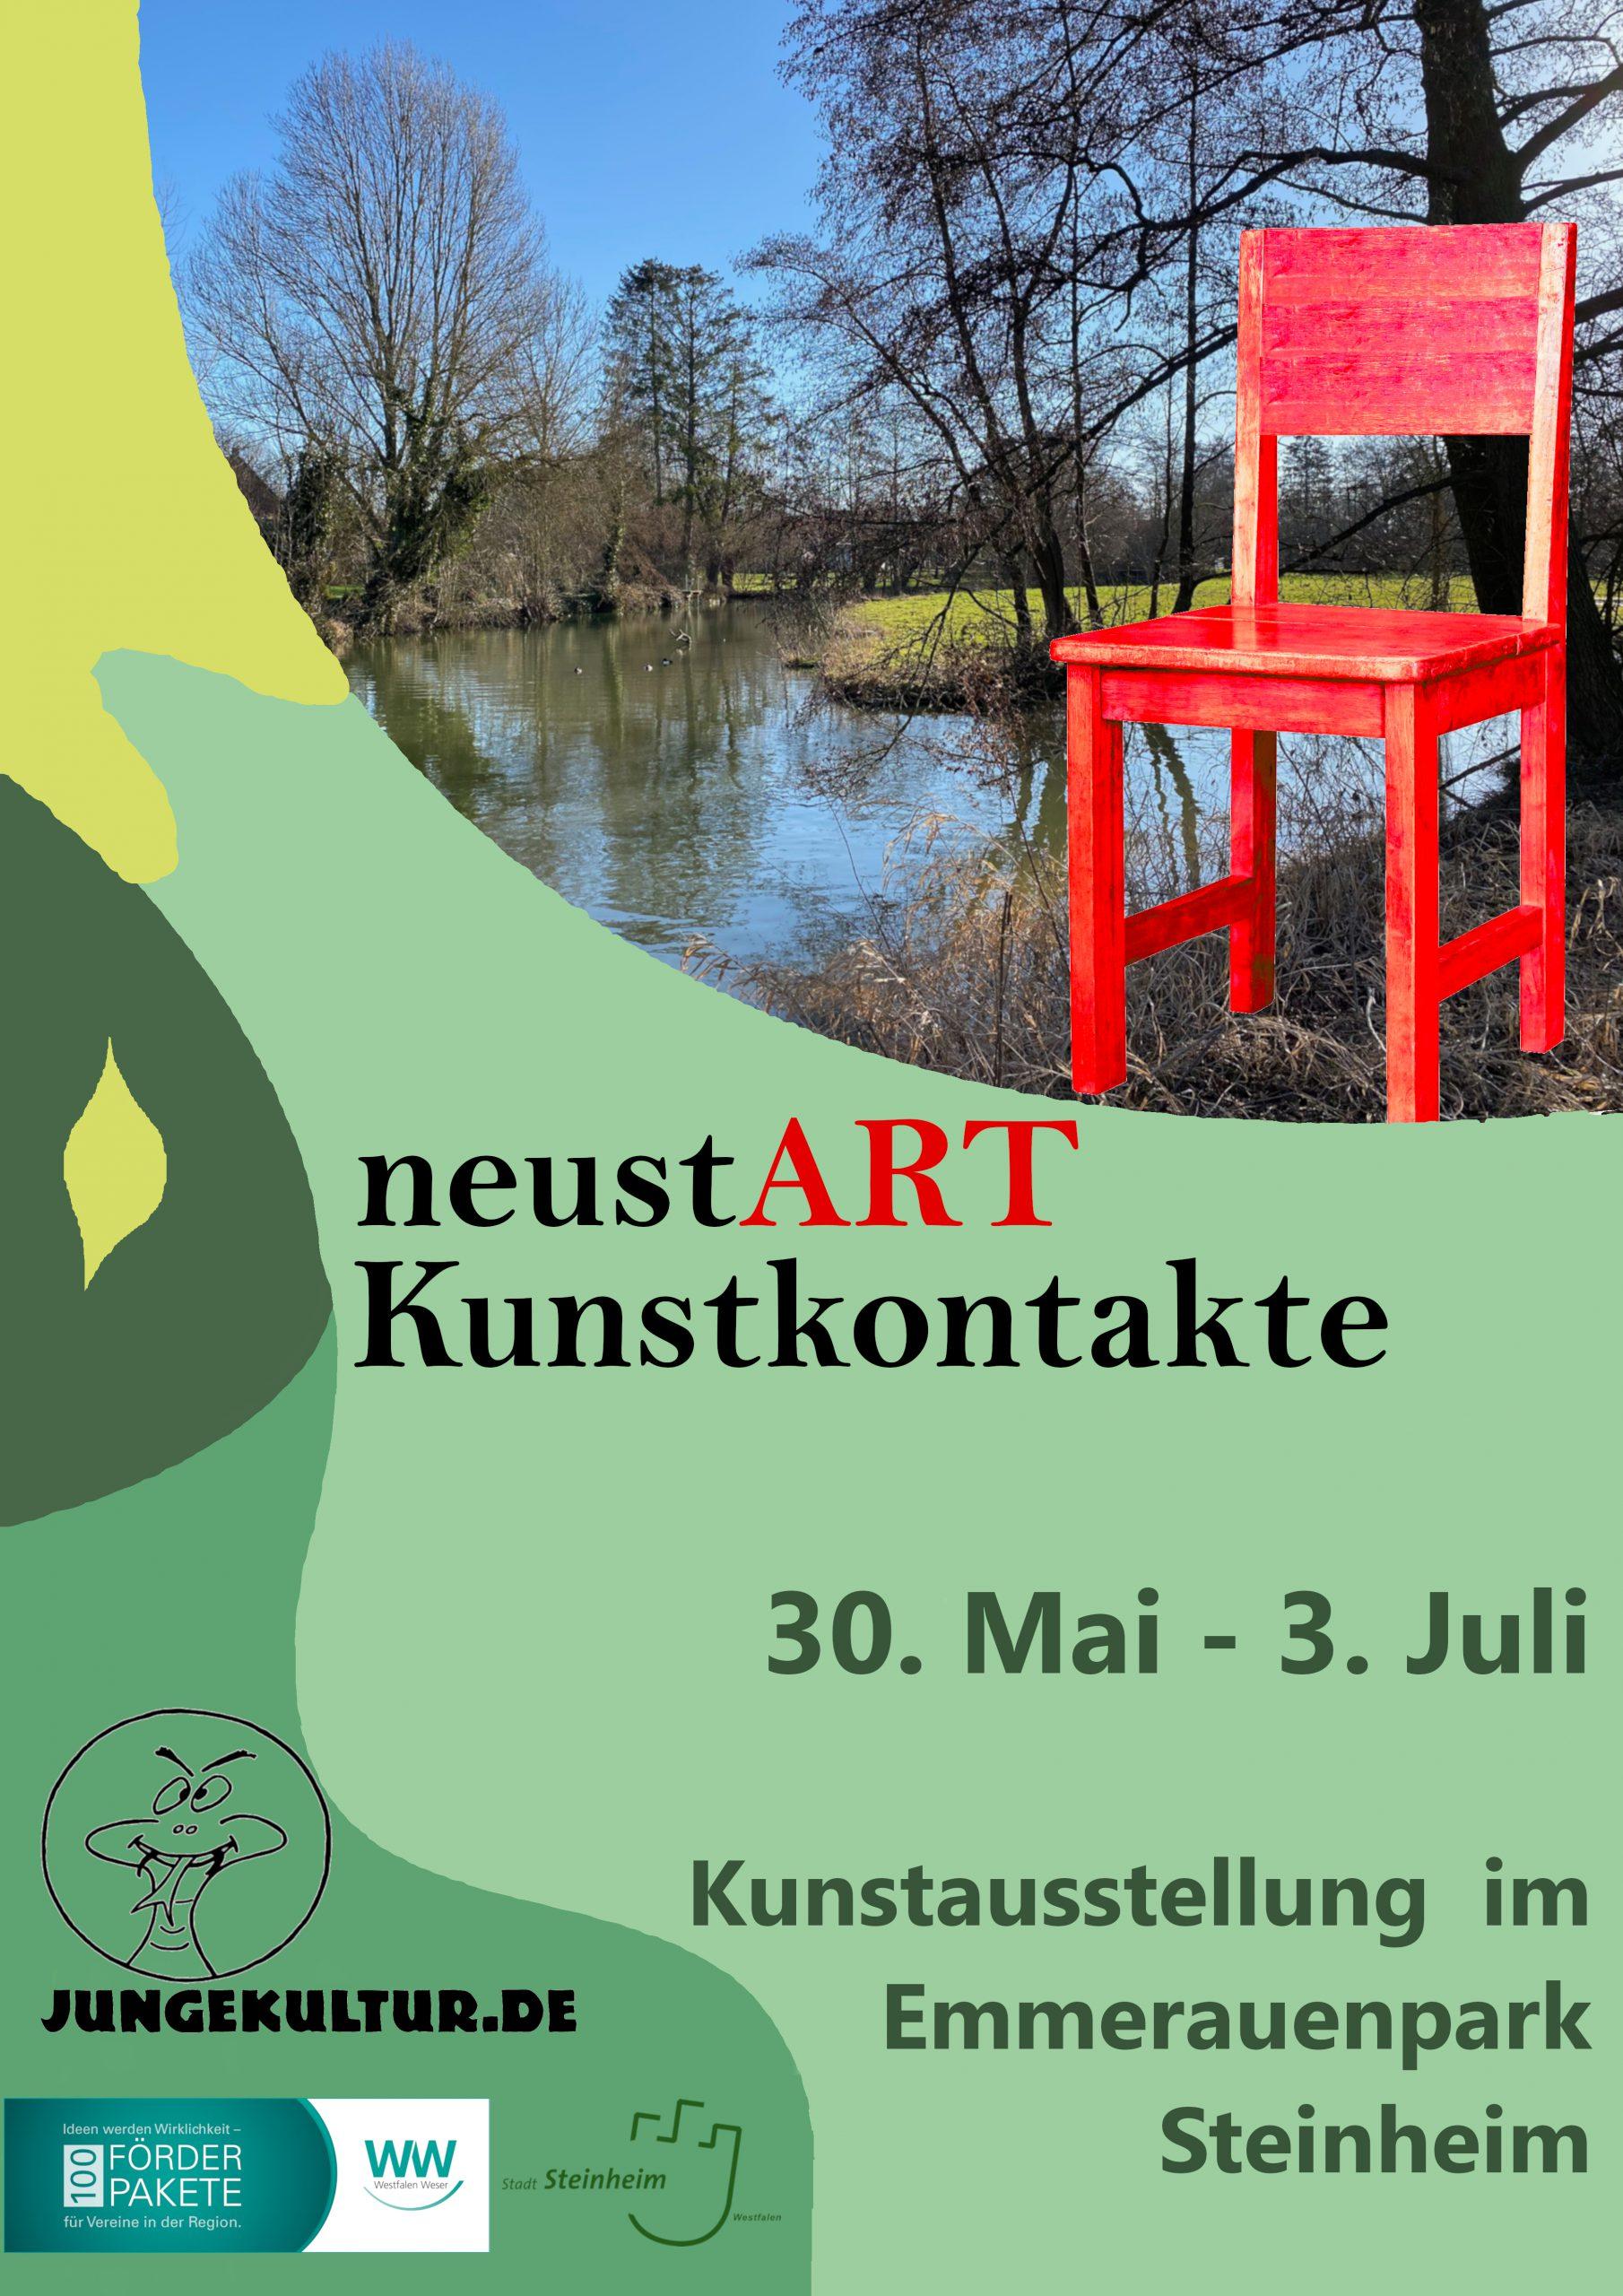 neustART Kunstkontakte 2021 - Plakat